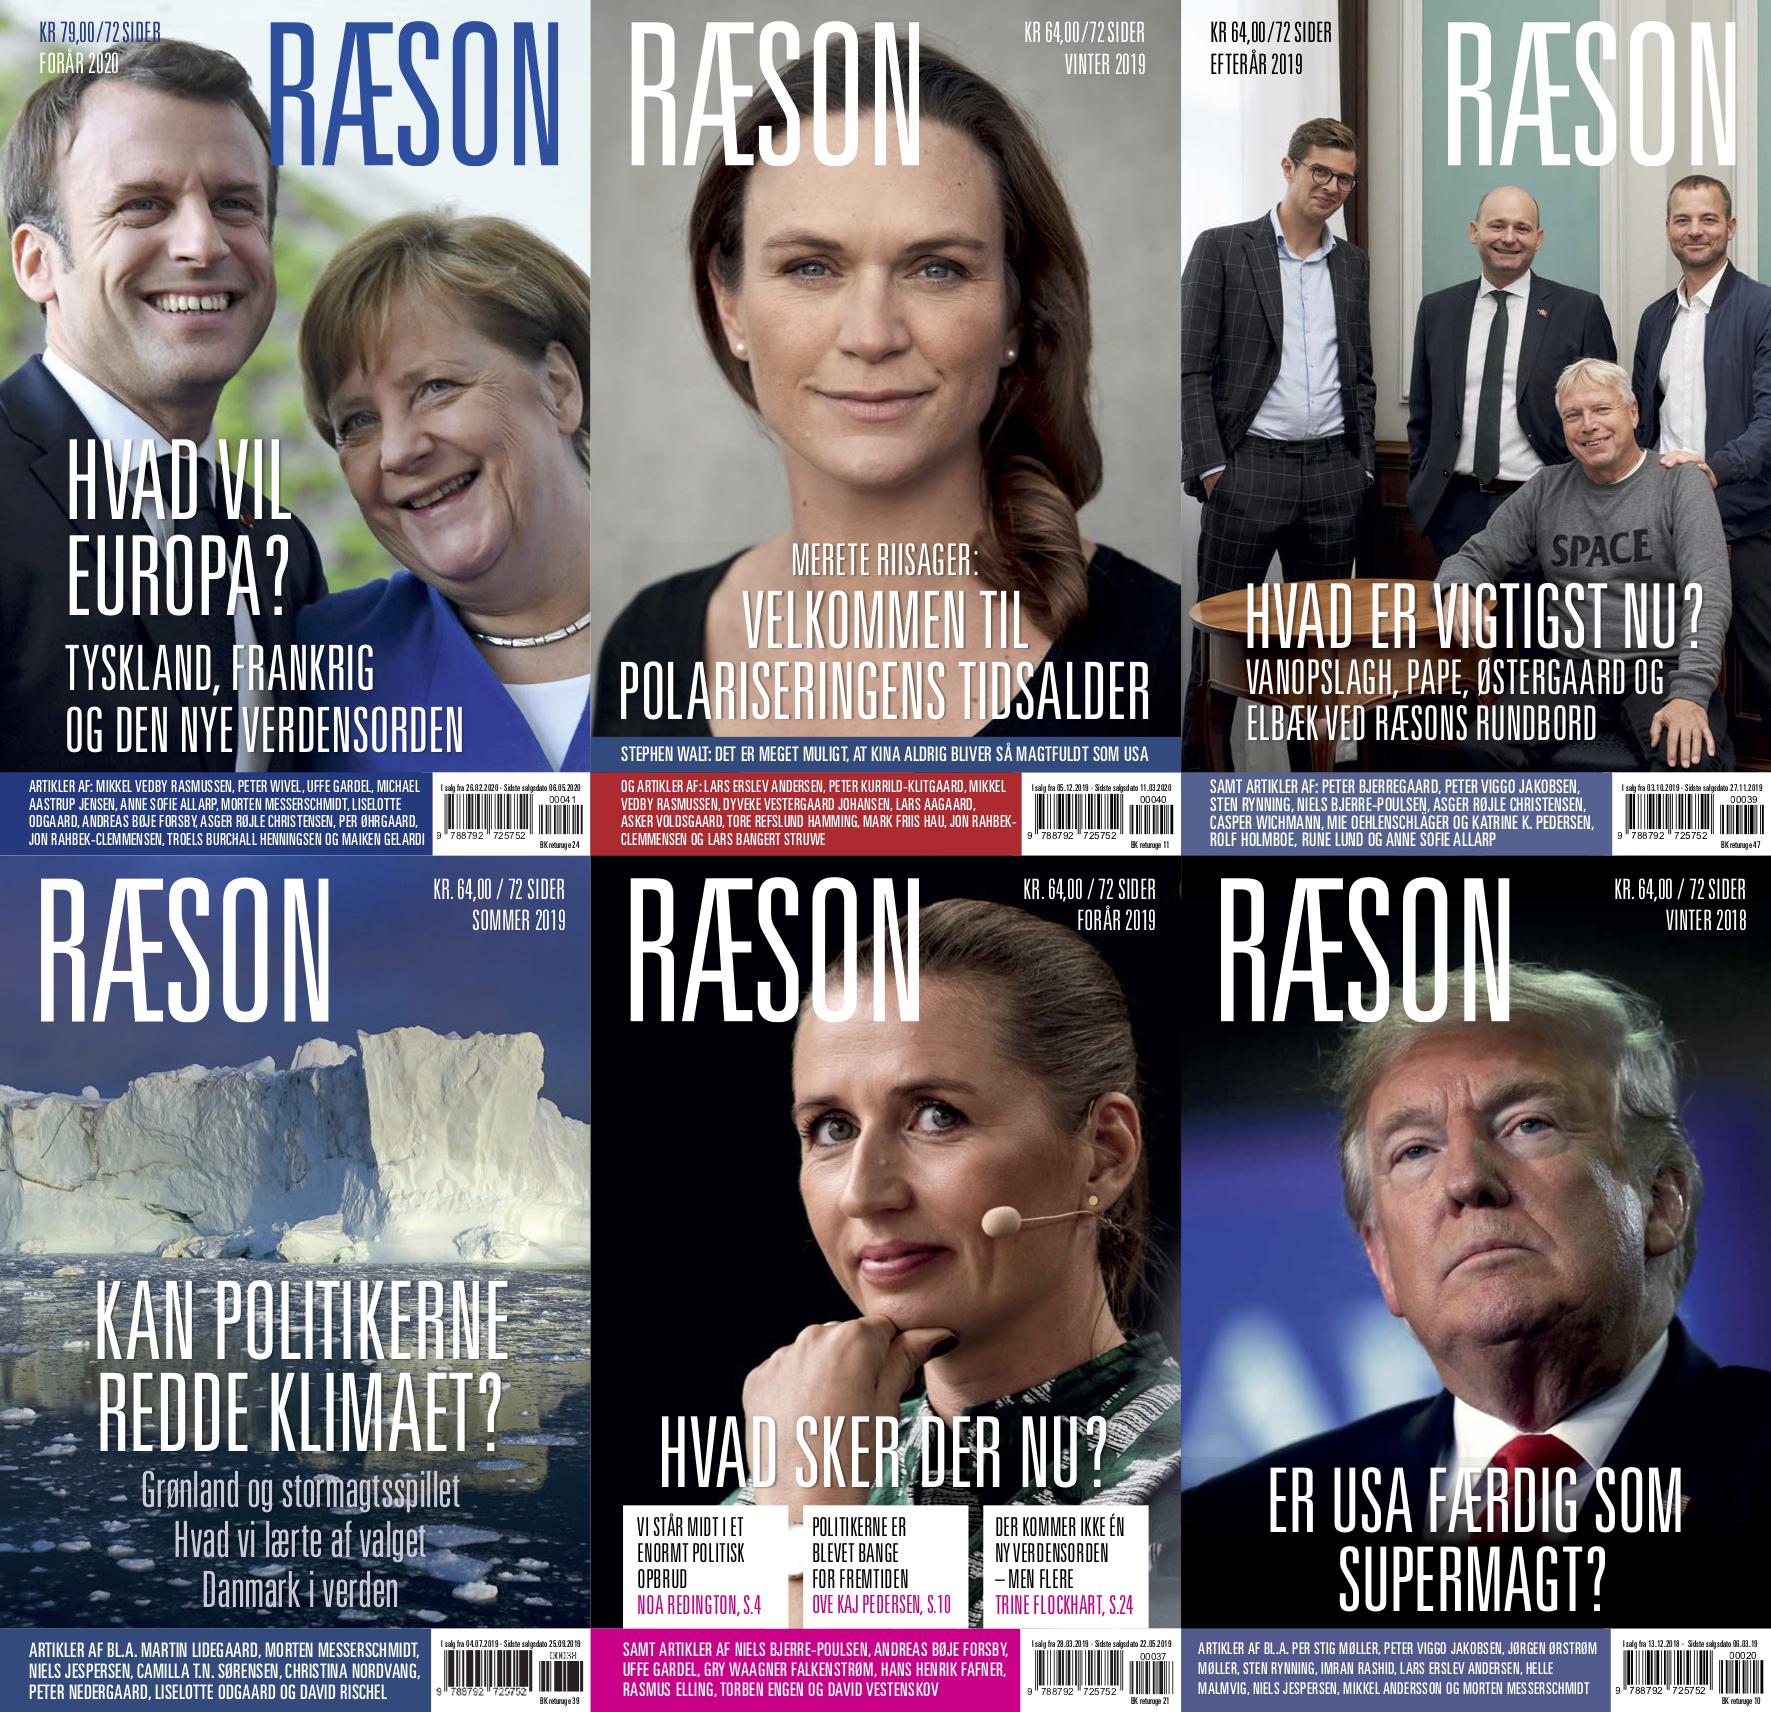 RÆSON søger: Skribenter, interviewere, redaktører, fotografer, podcastværter/producere m.fl.